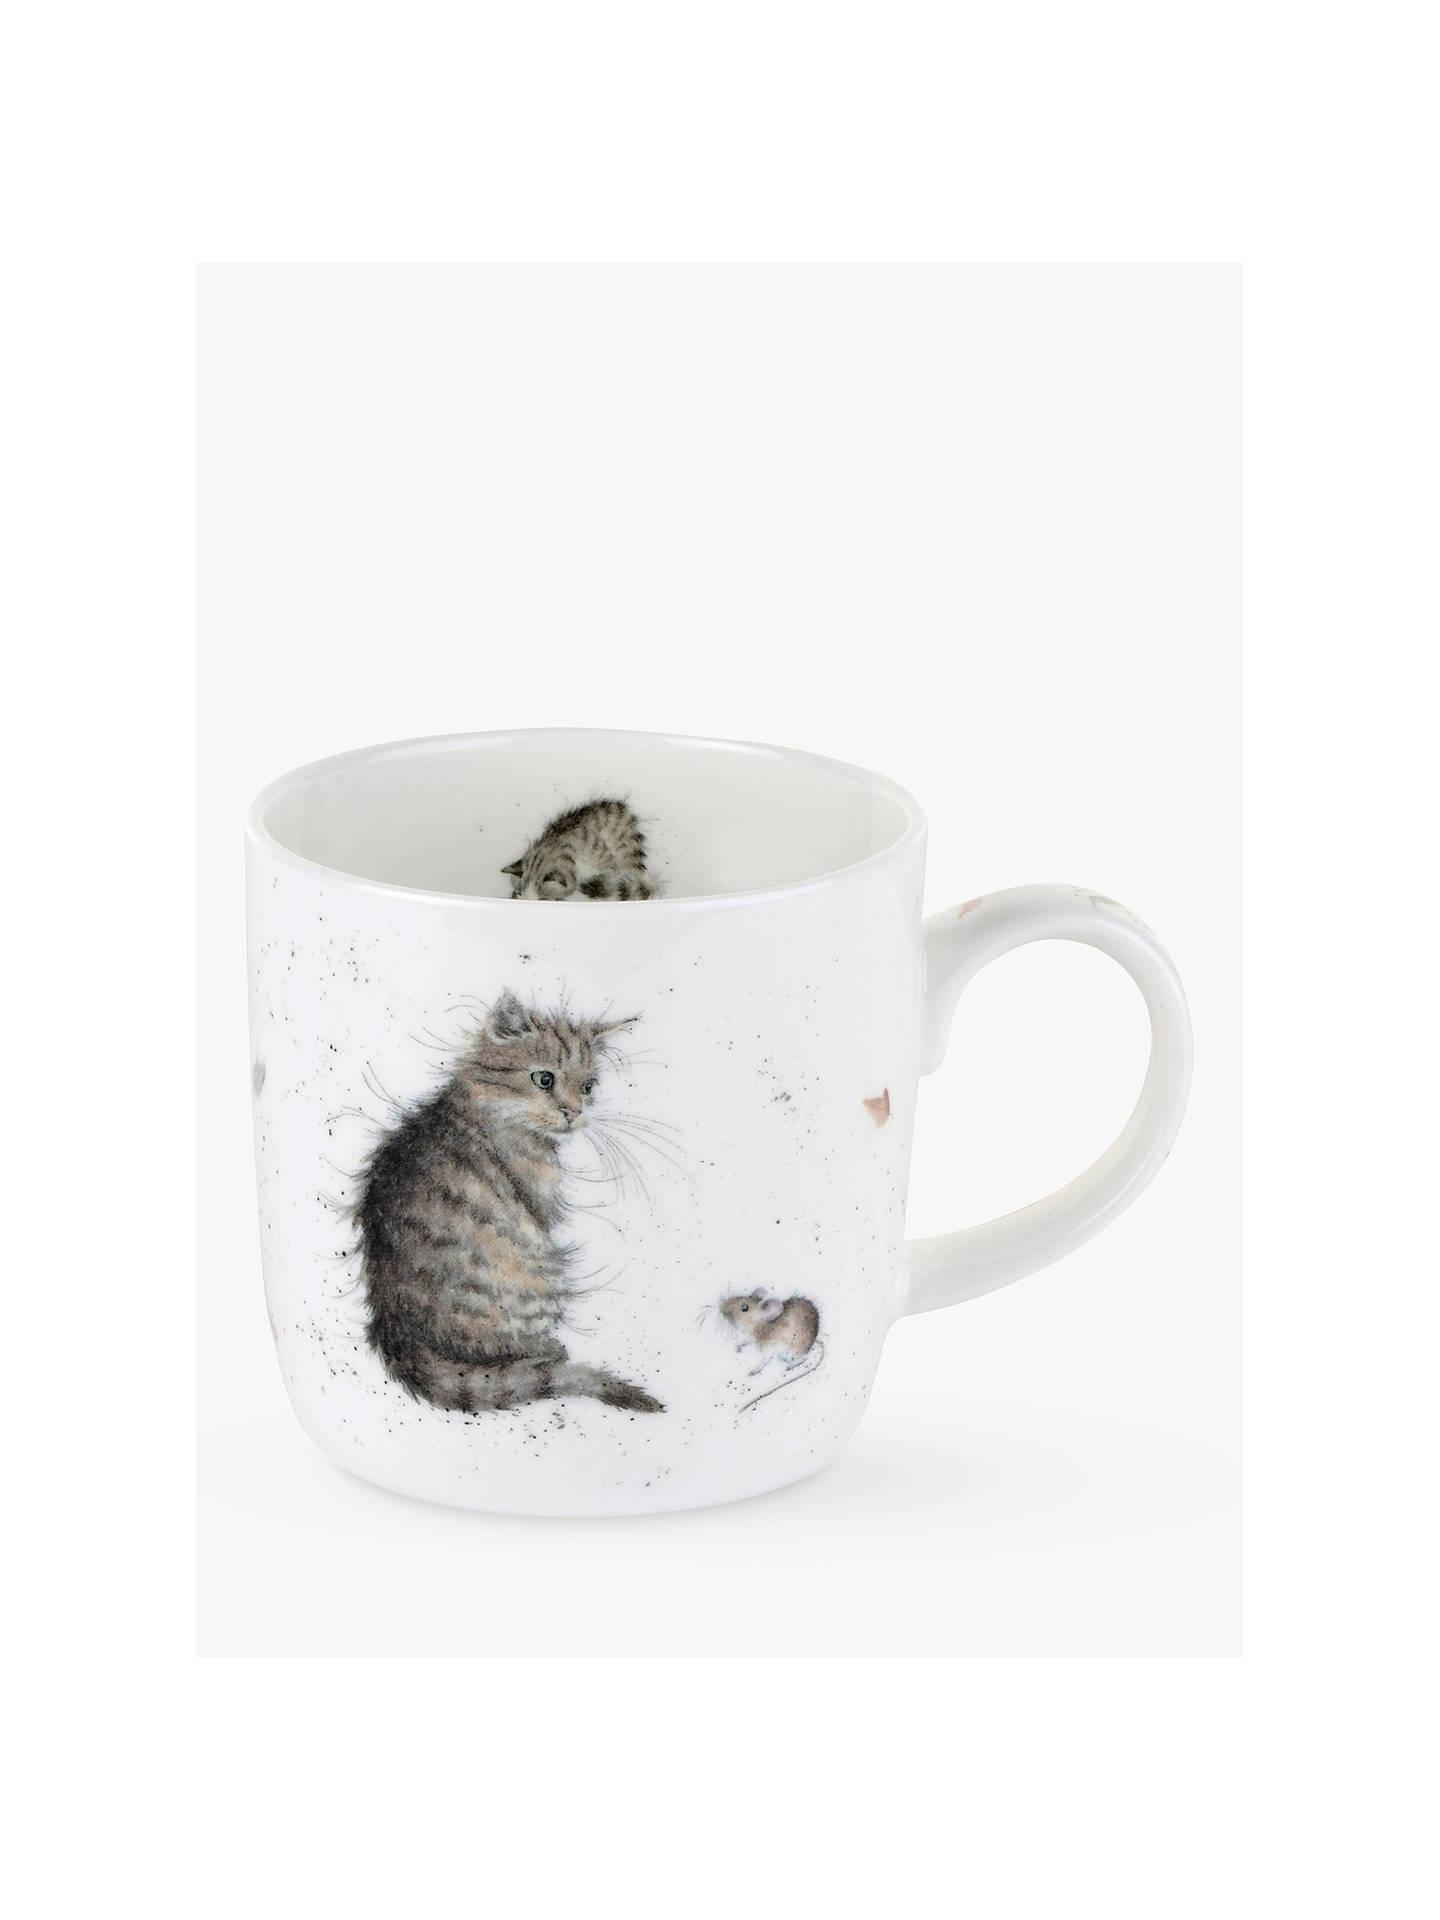 royal worcester wrendale cat mouse mug at john lewis. Black Bedroom Furniture Sets. Home Design Ideas